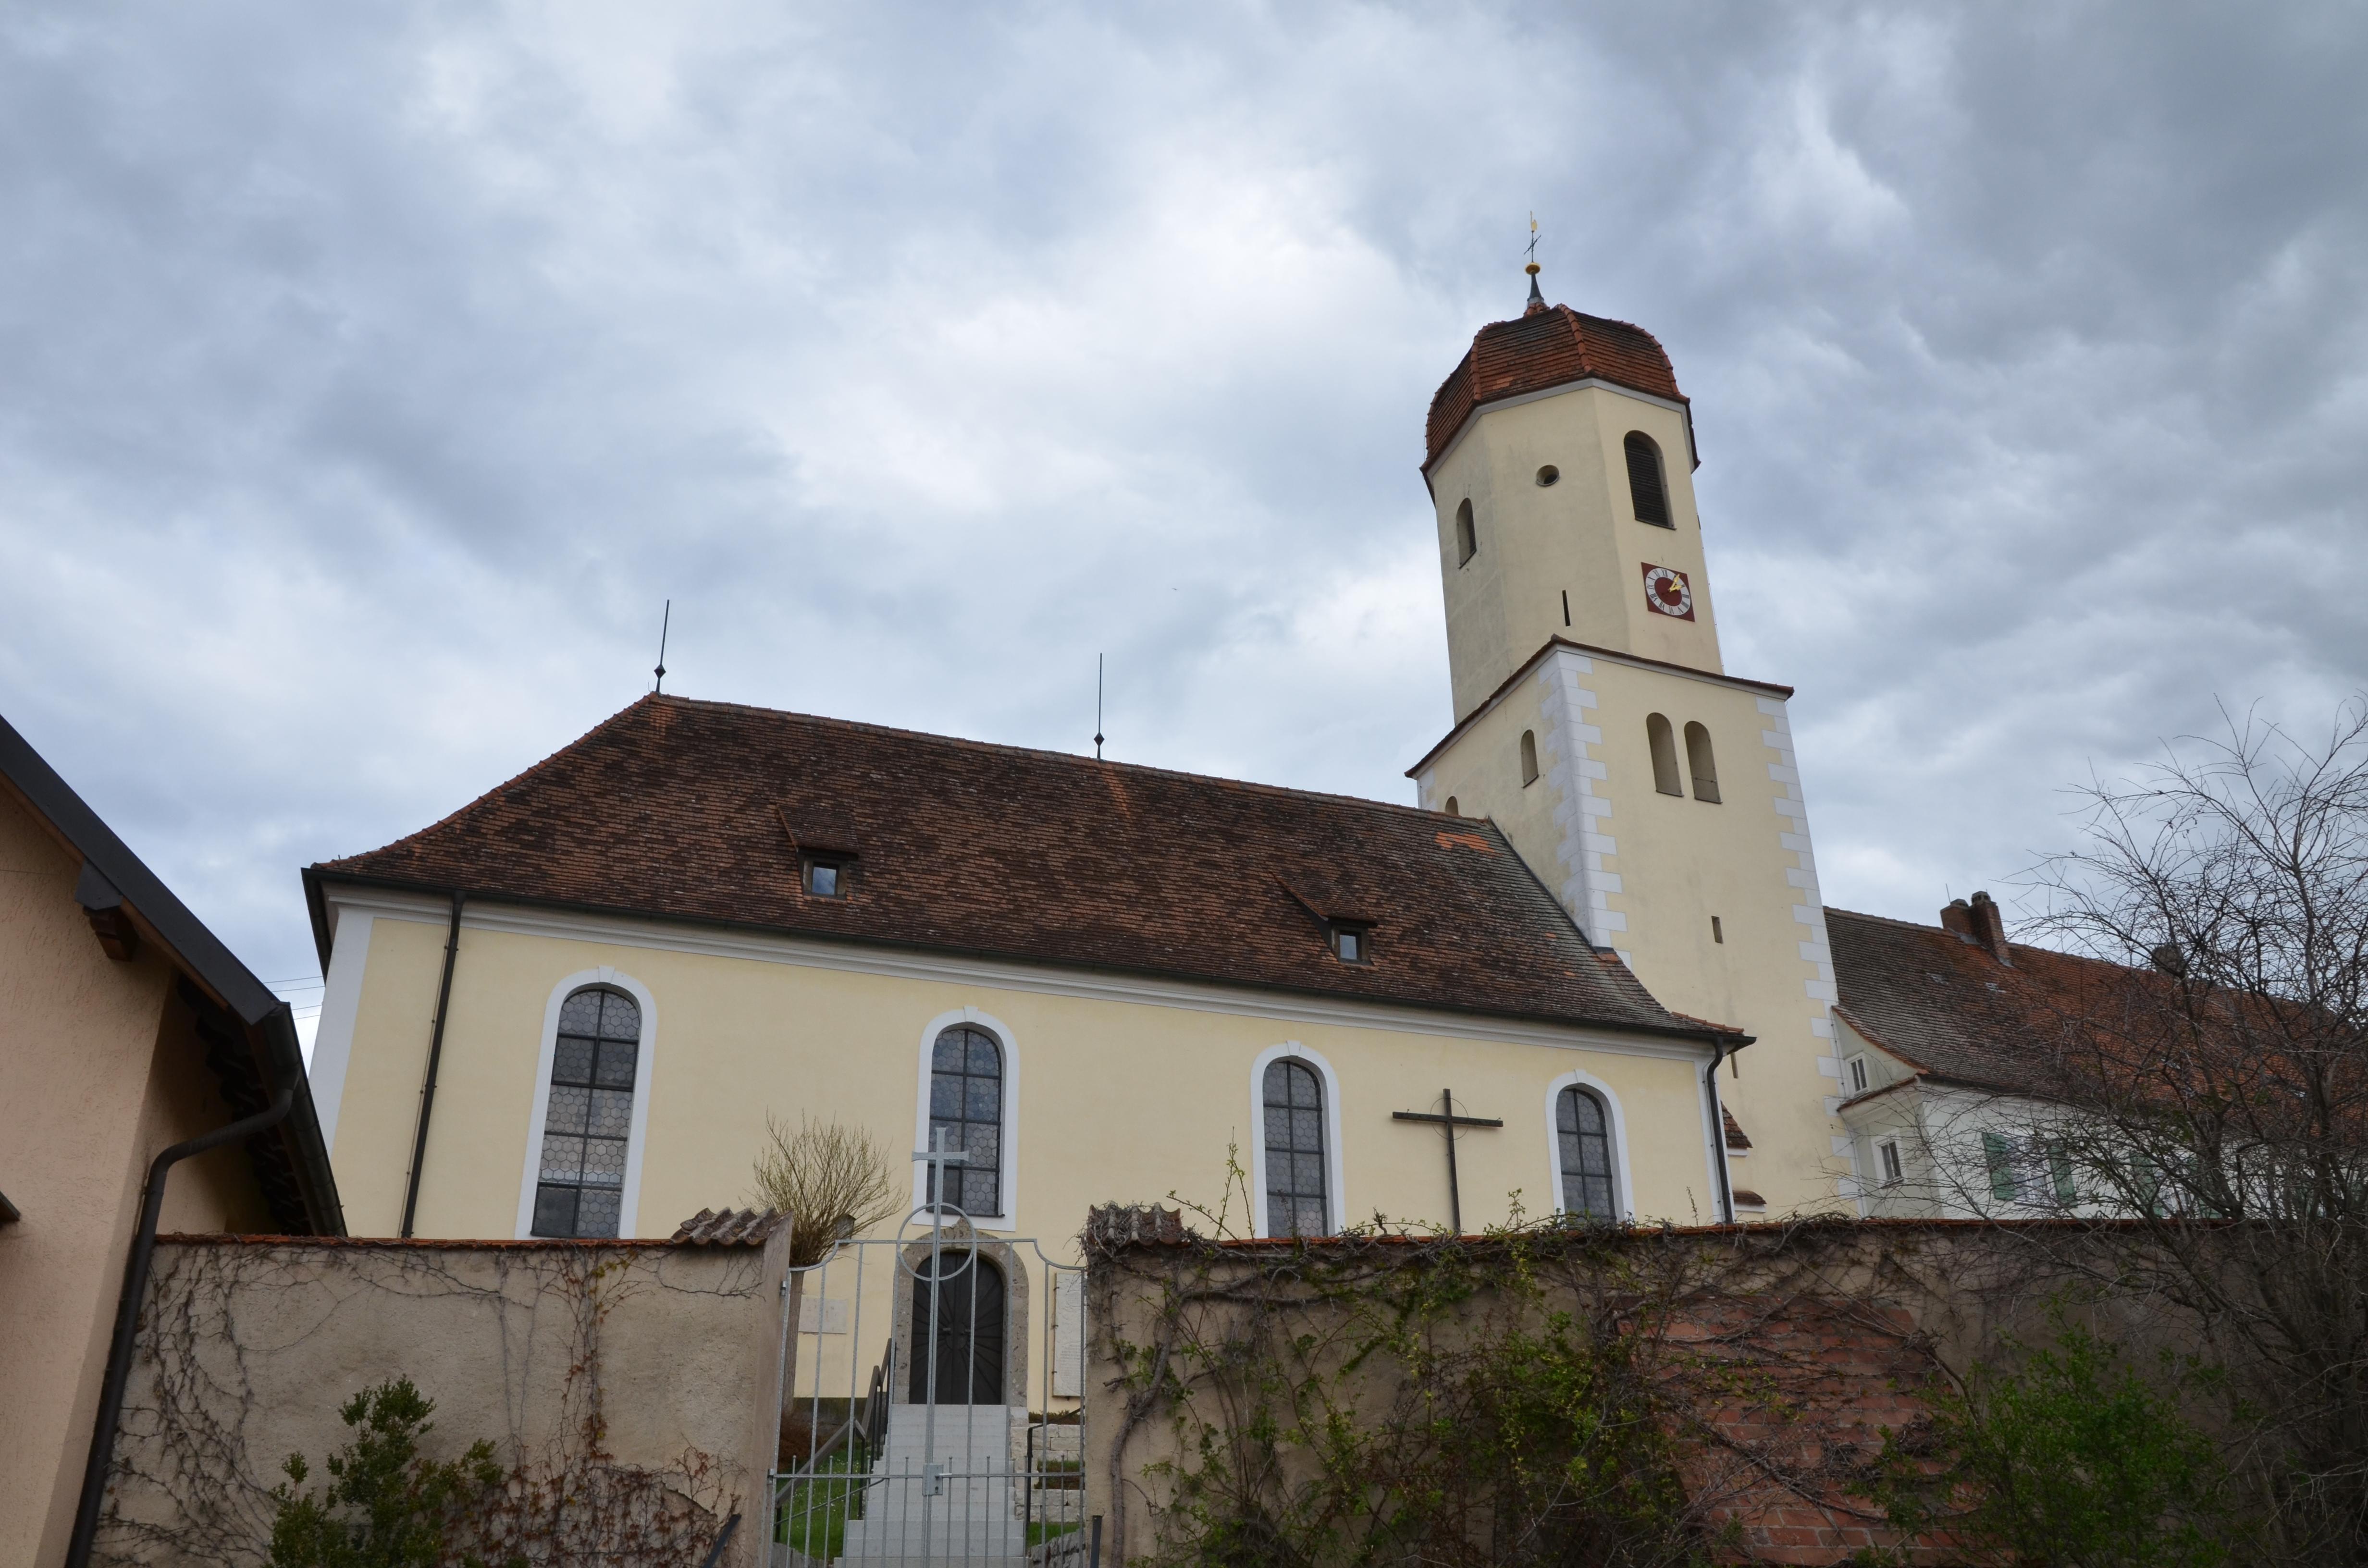 Appetshofen